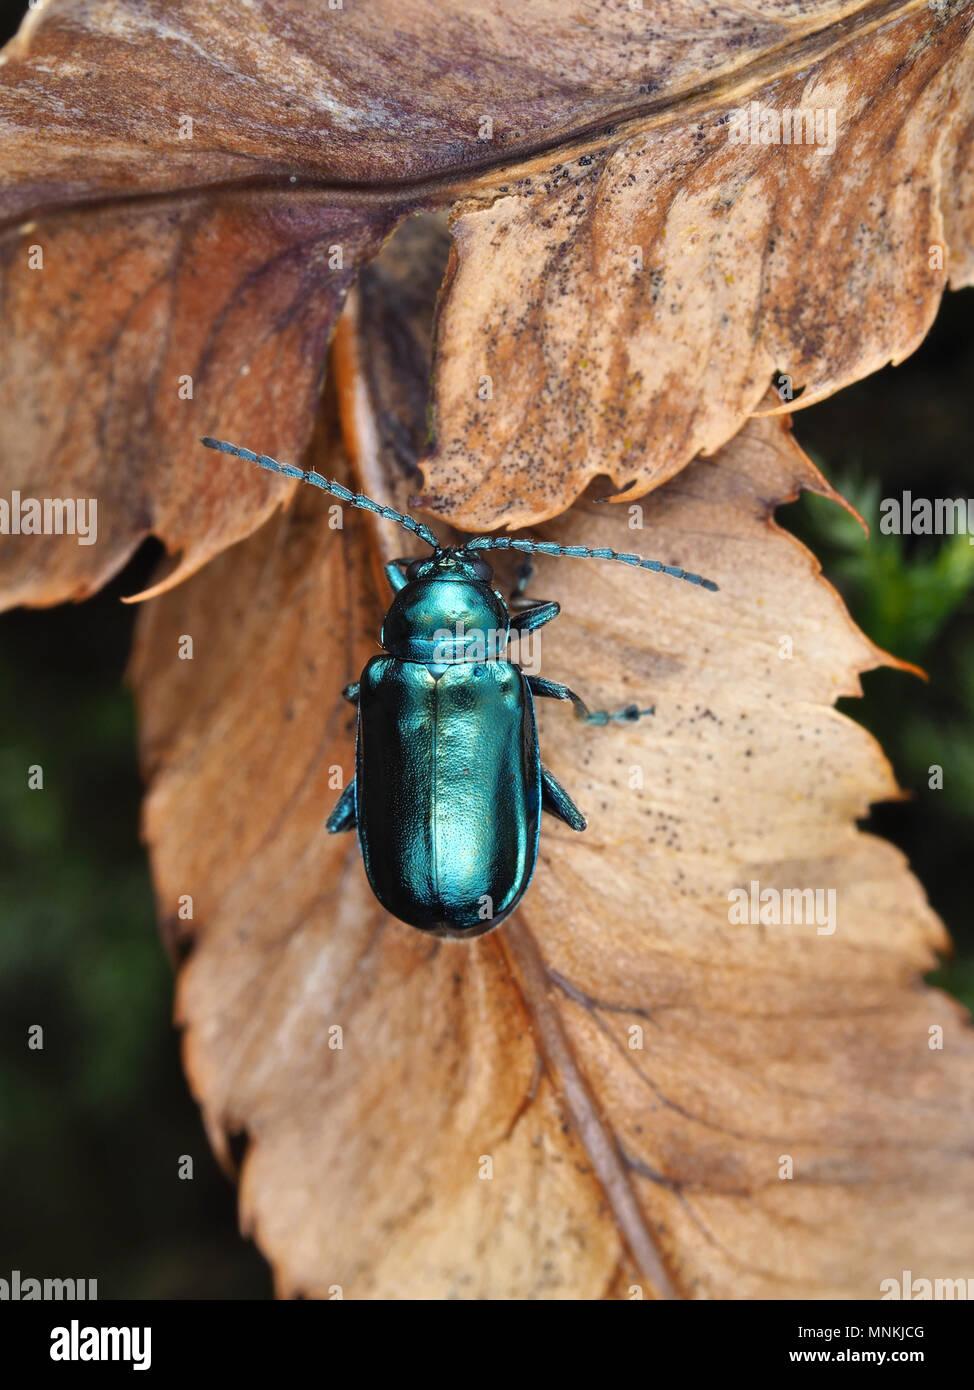 Altica sp. Käfer auf getrocknete Blätter, dorsale Ansicht Stockfoto